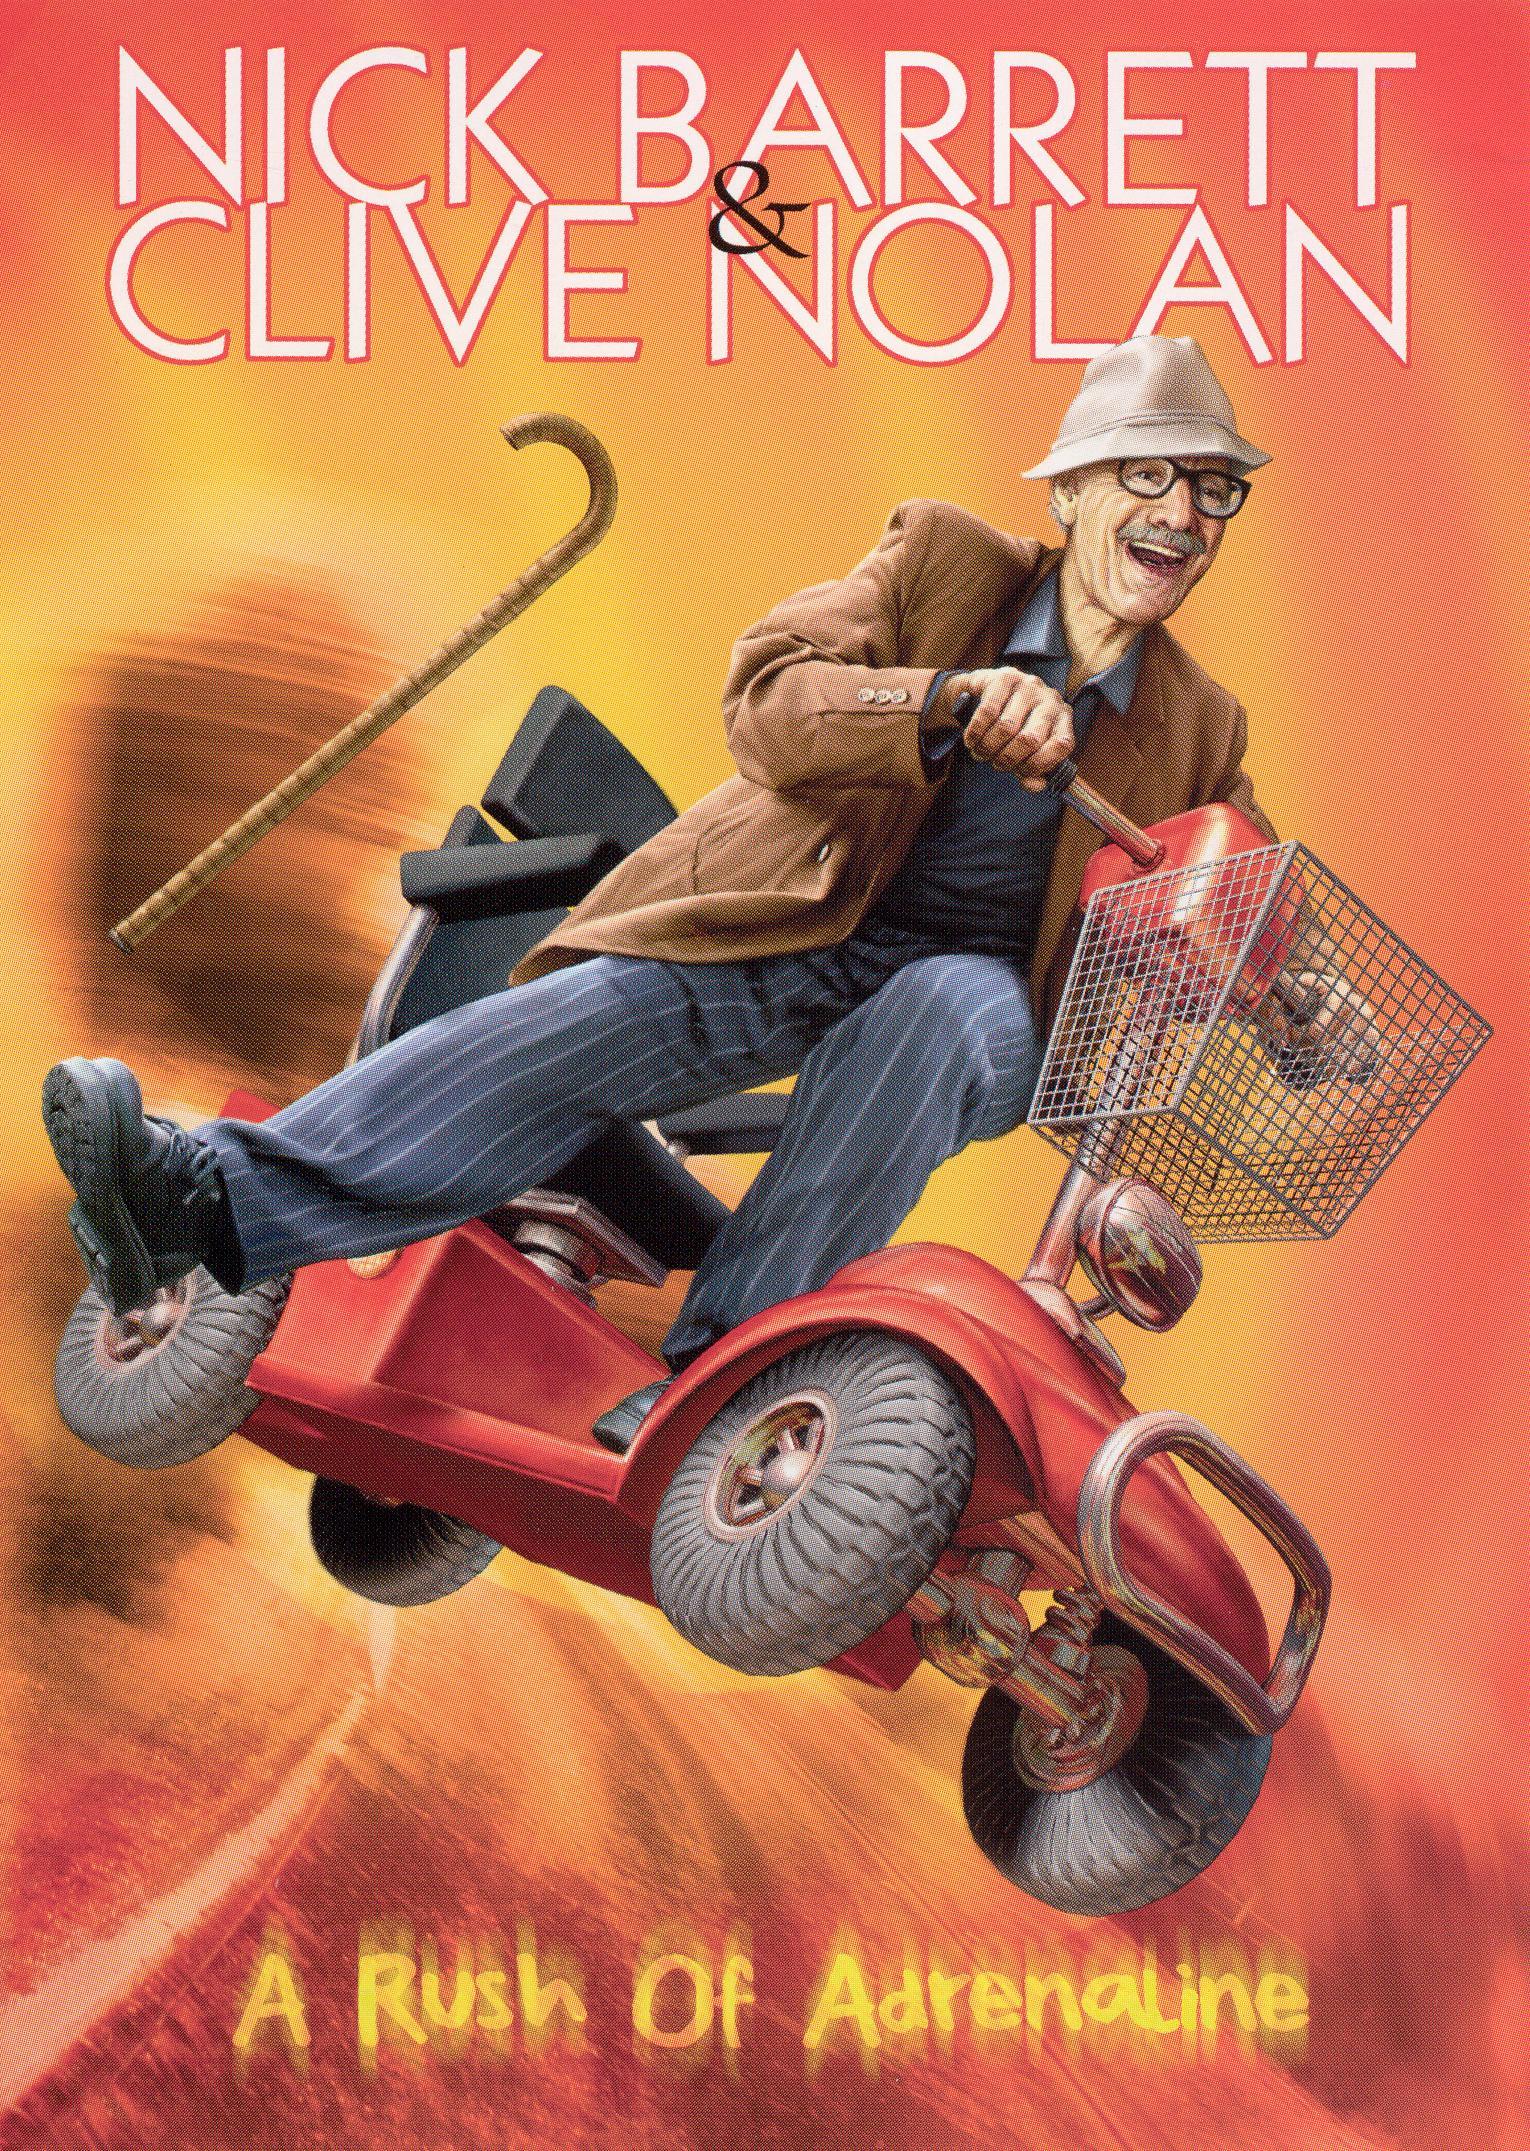 Nick Barrett/Clive Nolan: A Rush of Adrenaline